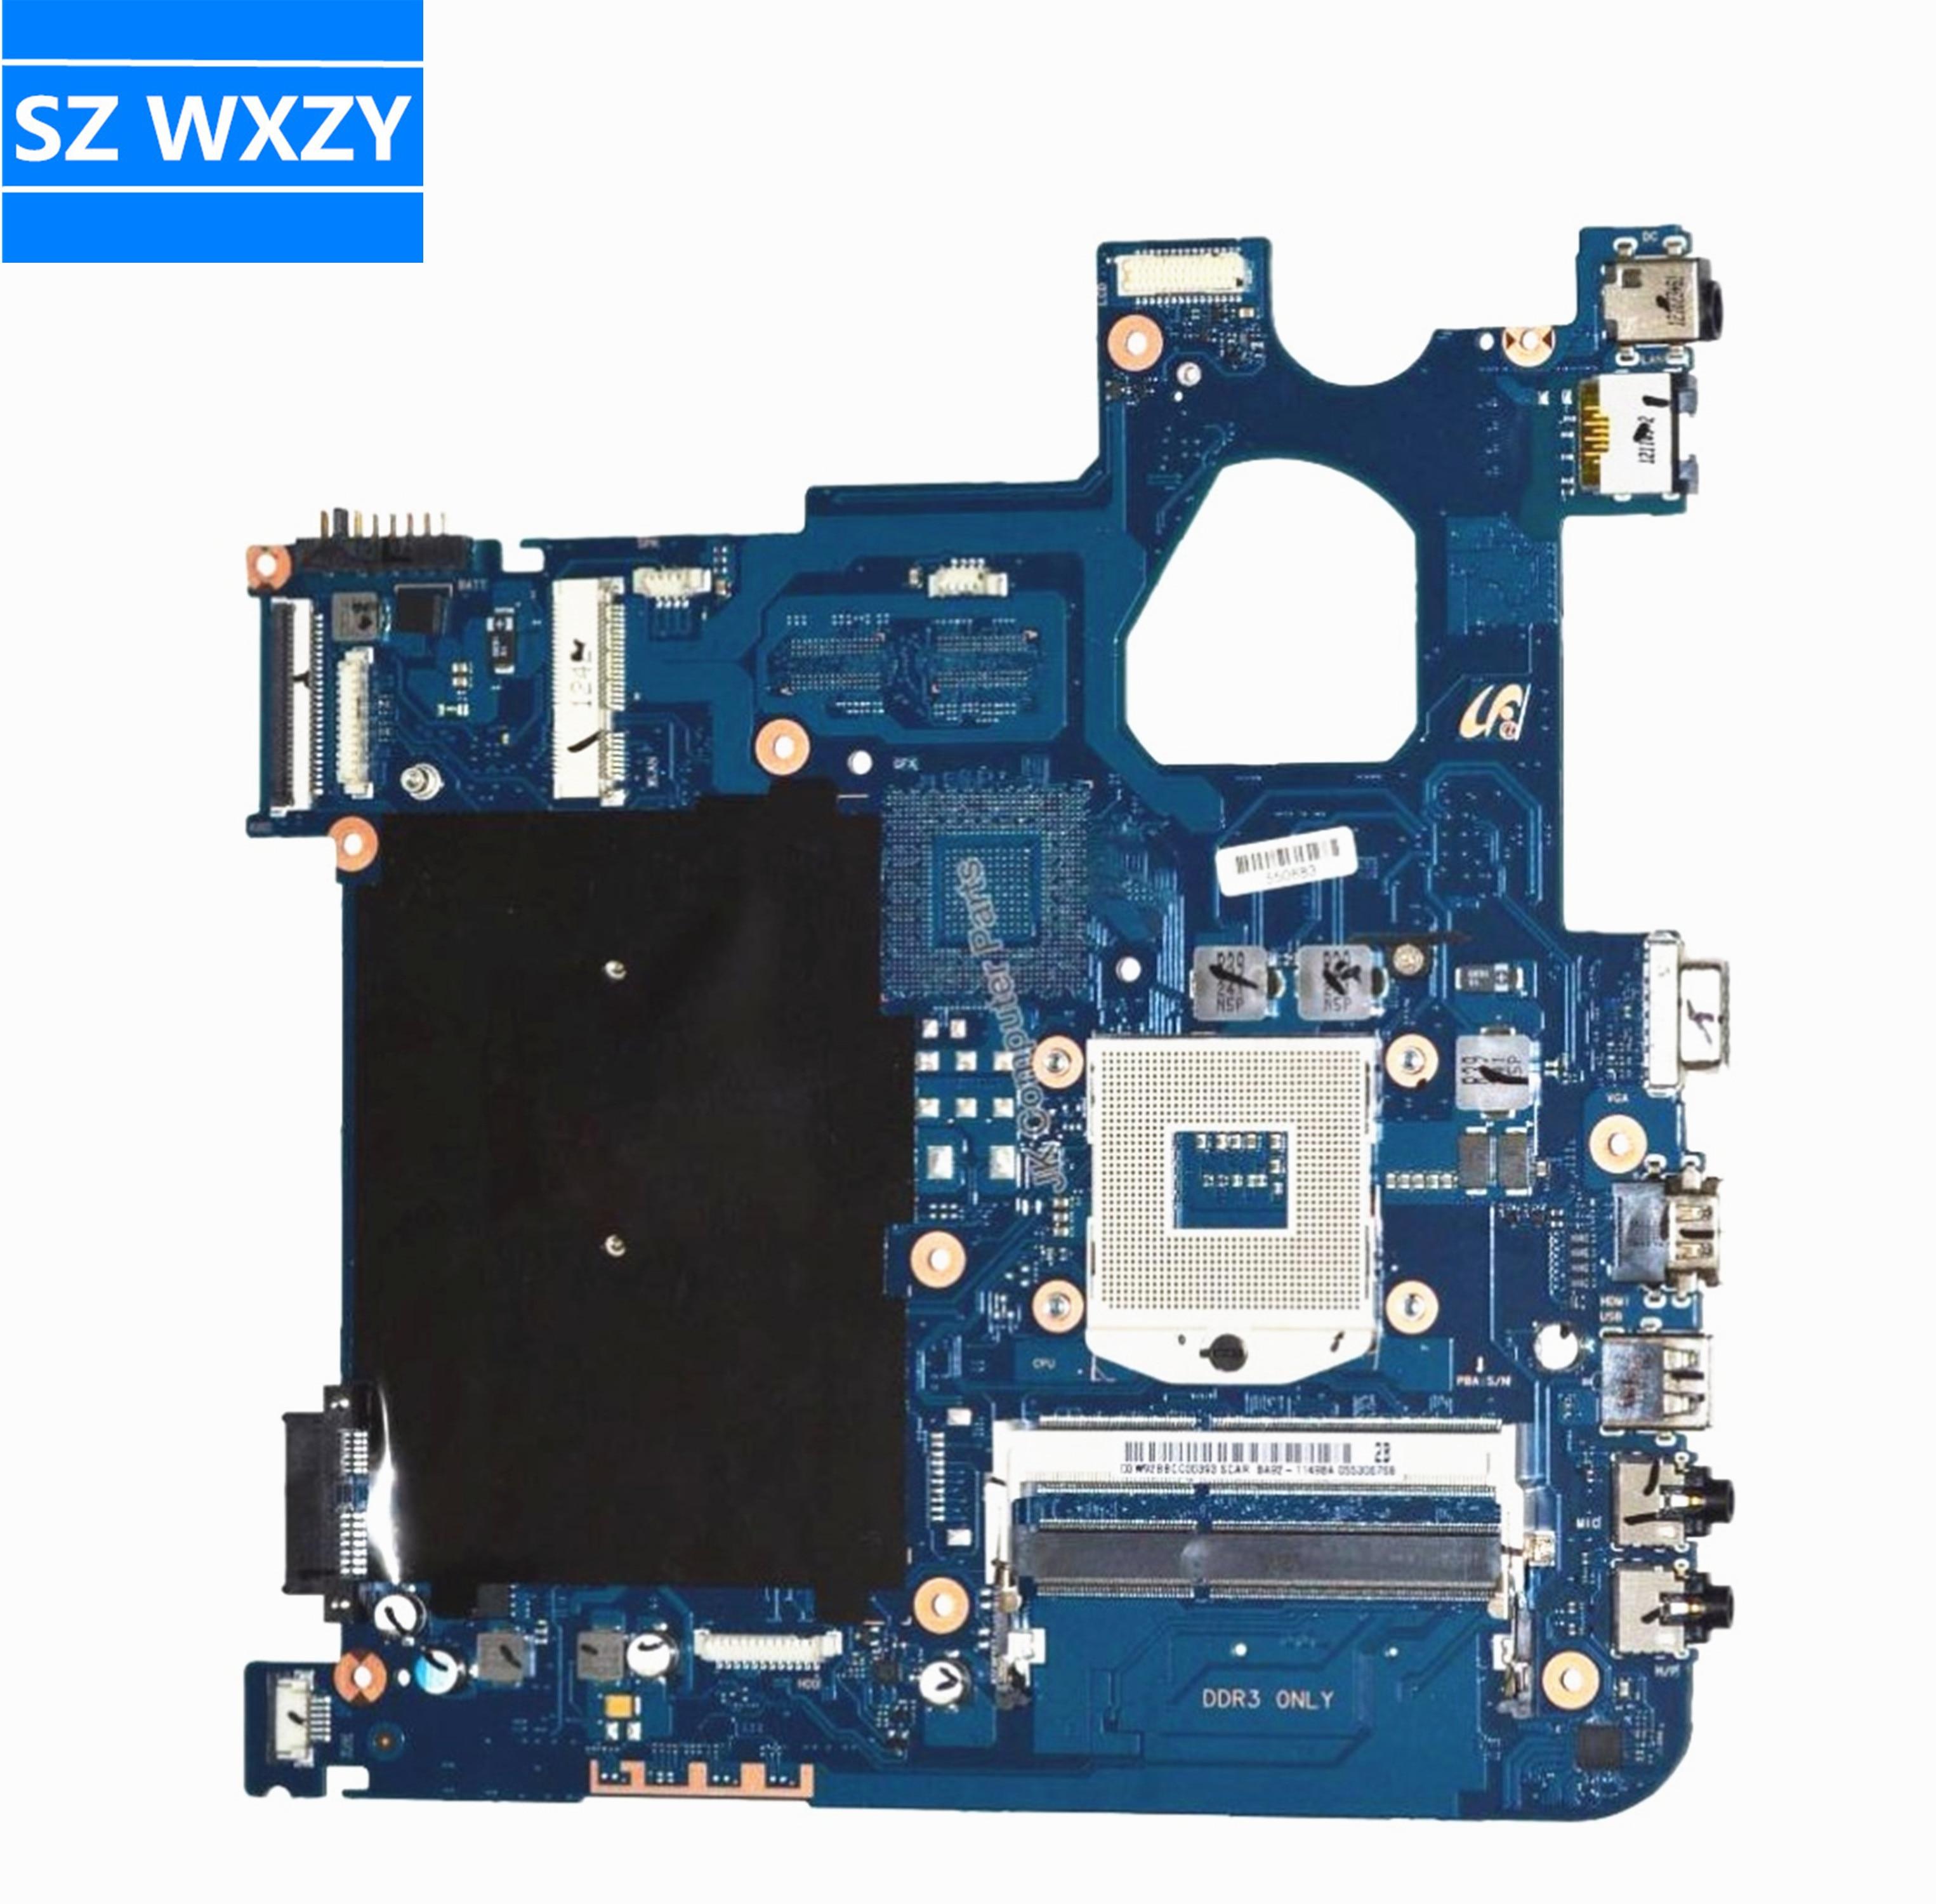 Оригинальное для Samsung NP300E4C Материнская плата ноутбука BA92-11498A BA92-11498B S989 100% тестирование Быстрая доставка